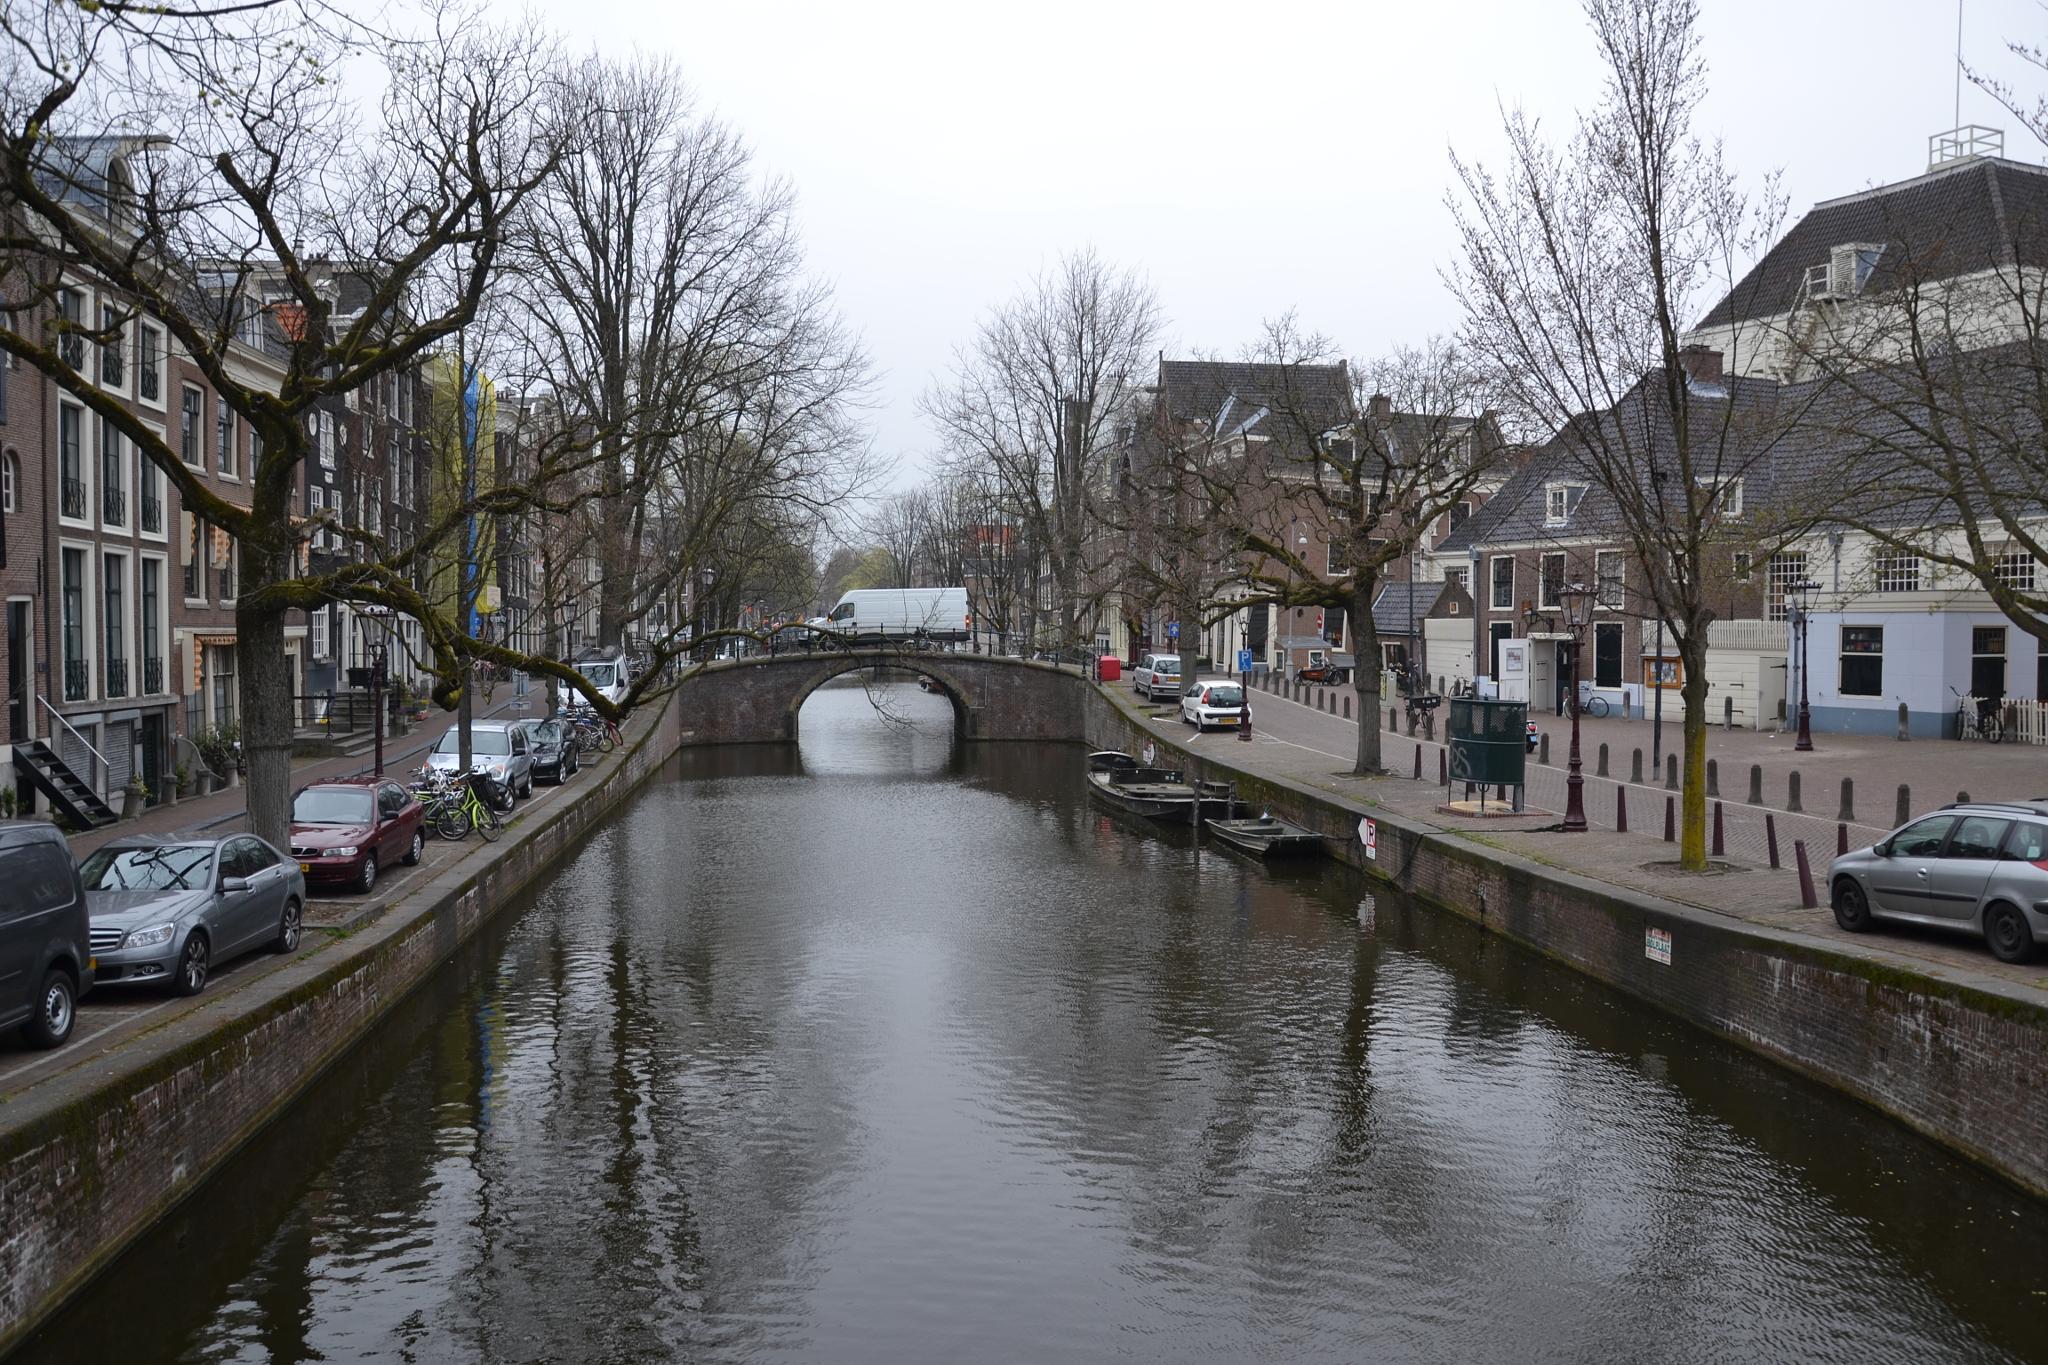 Calma en los canales by xemariagil